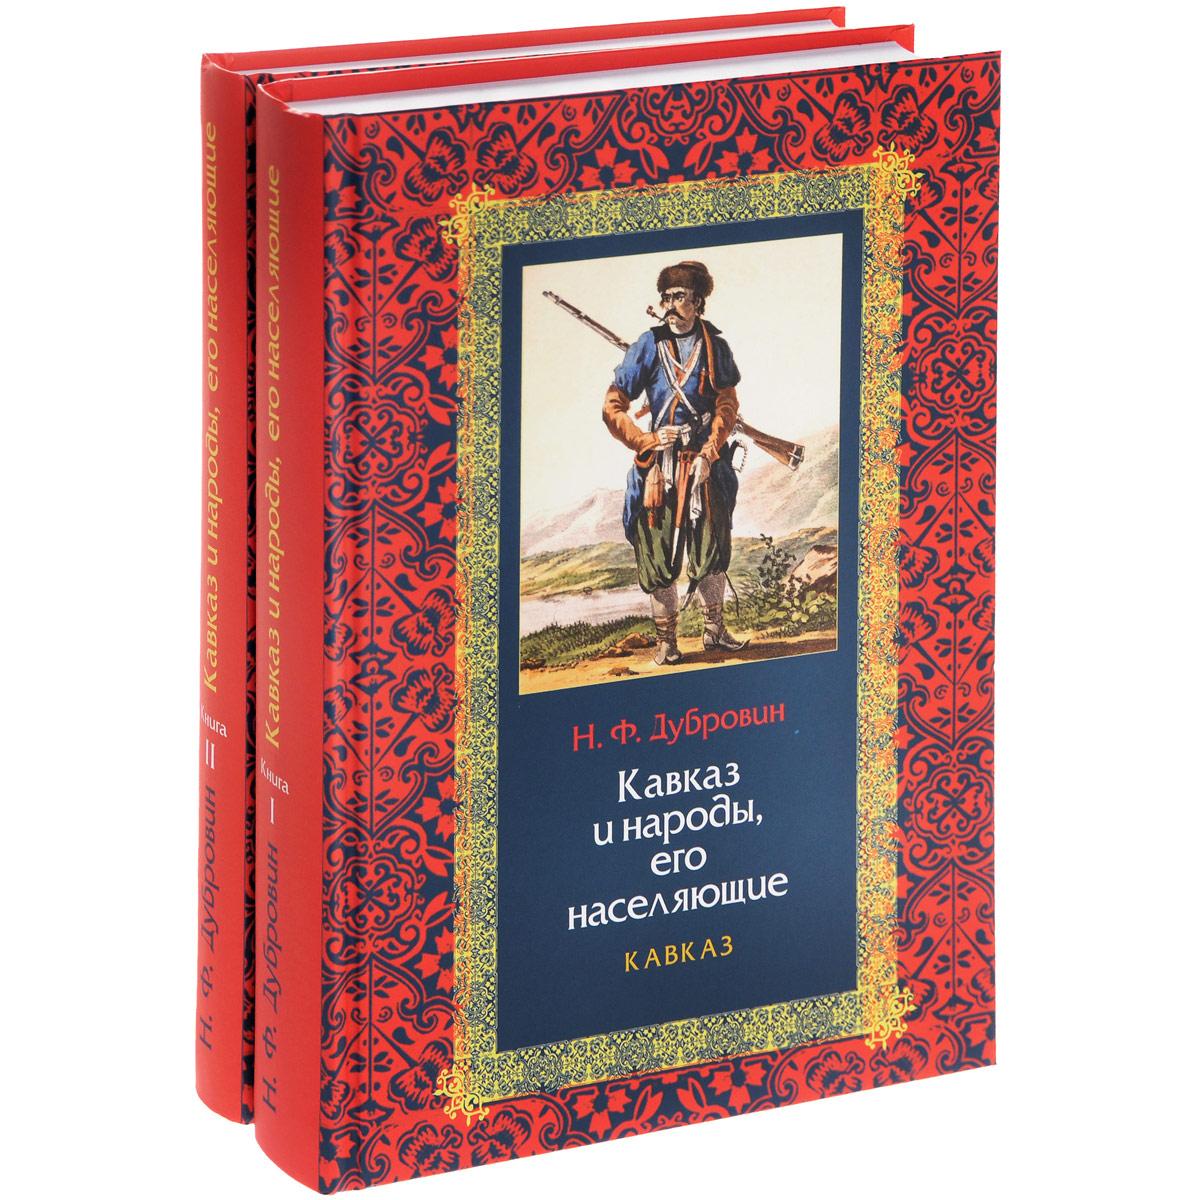 Н. Ф. Дубровин Кавказ и народы, его населяющие. В 2 книгах (комплект) н ф дубровин кавказ и народы его населяющие в 2 книгах комплект